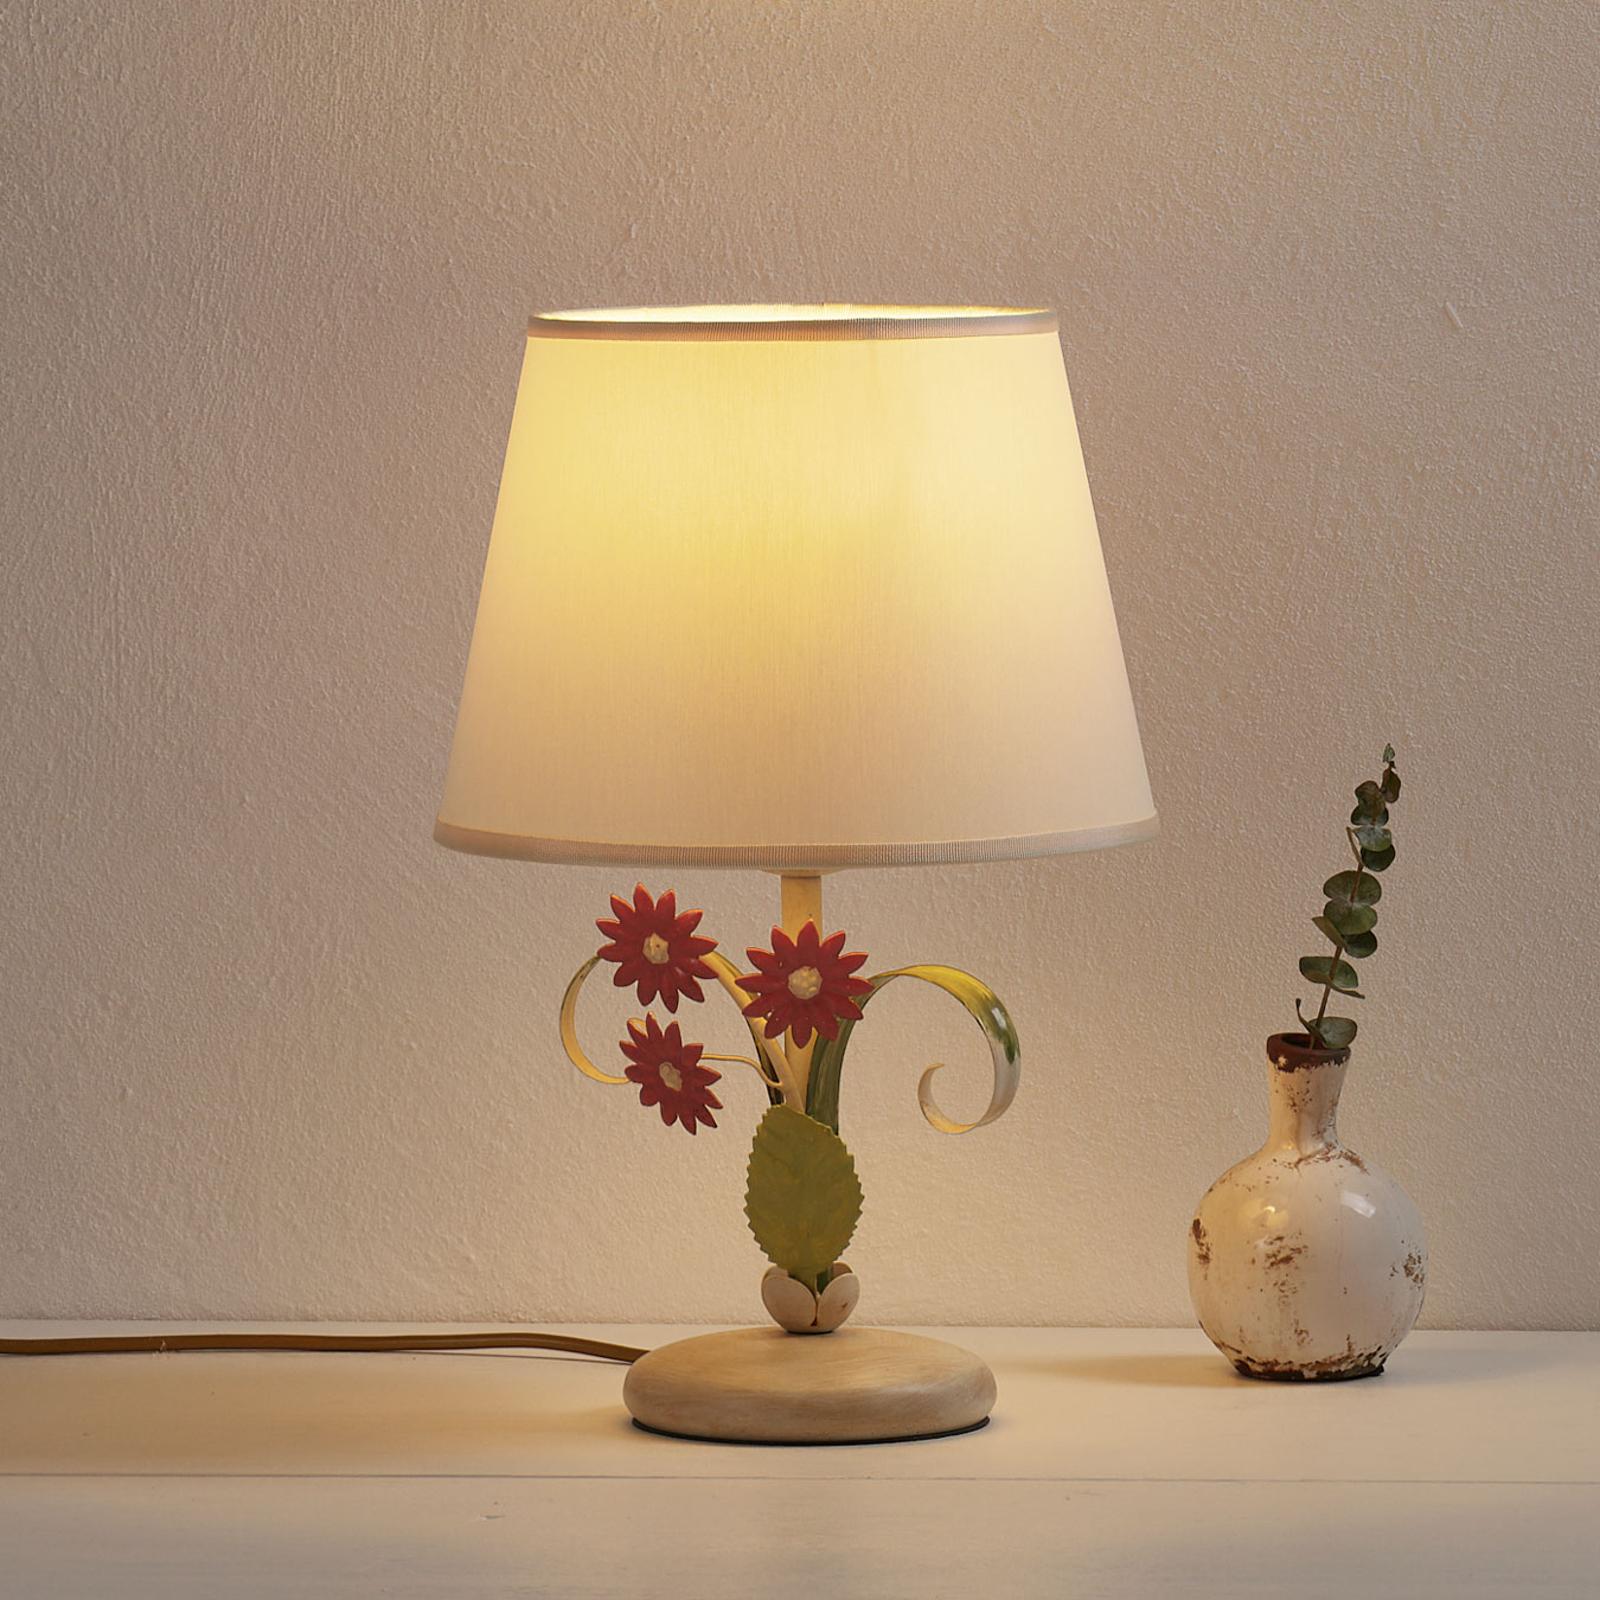 Acquista Lampada da tavolo Toscana stile fiorentino